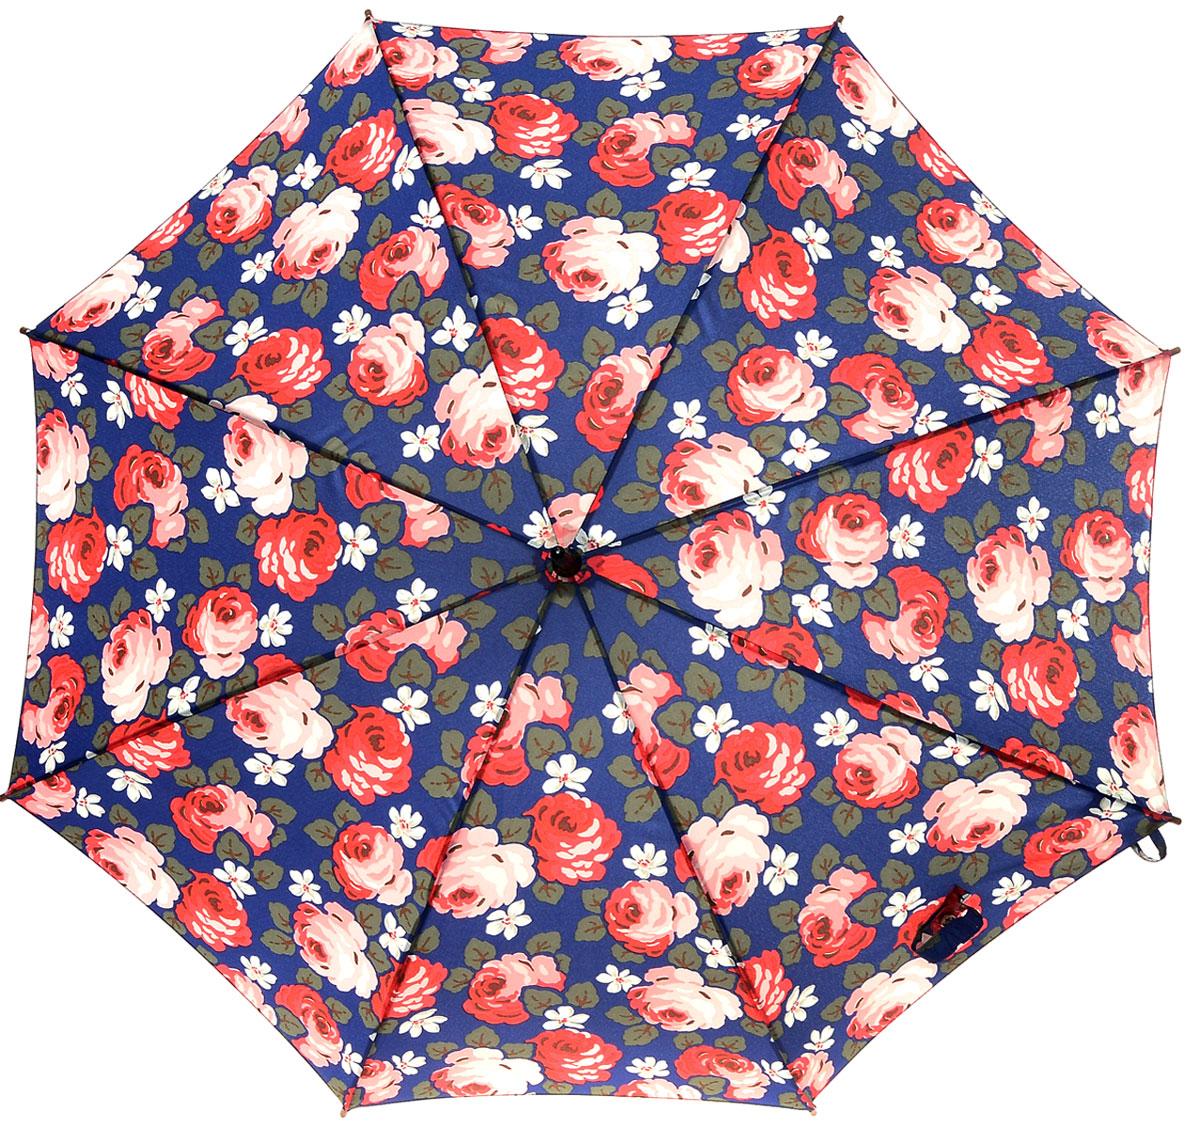 Зонт-трость женский Cath Kidston Kensington, механический, цвет: темно-синий, красный, розовый, темно-зеленый. L541-2741CX1516-50-10Яркий механический зонт-трость Cath Kidston Kensington даже в ненастную погоду позволит вам оставаться стильной и элегантной. Каркас зонта включает 8 спиц из фибергласса с деревянным наконечниками. Стержень изготовлен из дерева. Купол зонта выполнен из износостойкого полиэстера и оформлен цветочным принтом. Изделие дополнено удобной рукояткой из гладкого дерева.Зонт механического сложения: купол открывается и закрывается вручную до характерного щелчка. Модель дополнительно застегивается с помощью двух хлястиков: на кнопку и липучку с декоративной пуговицей.Такой зонт не только надежно защитит вас от дождя, но и станет стильным аксессуаром, который идеально подчеркнет ваш неповторимый образ.